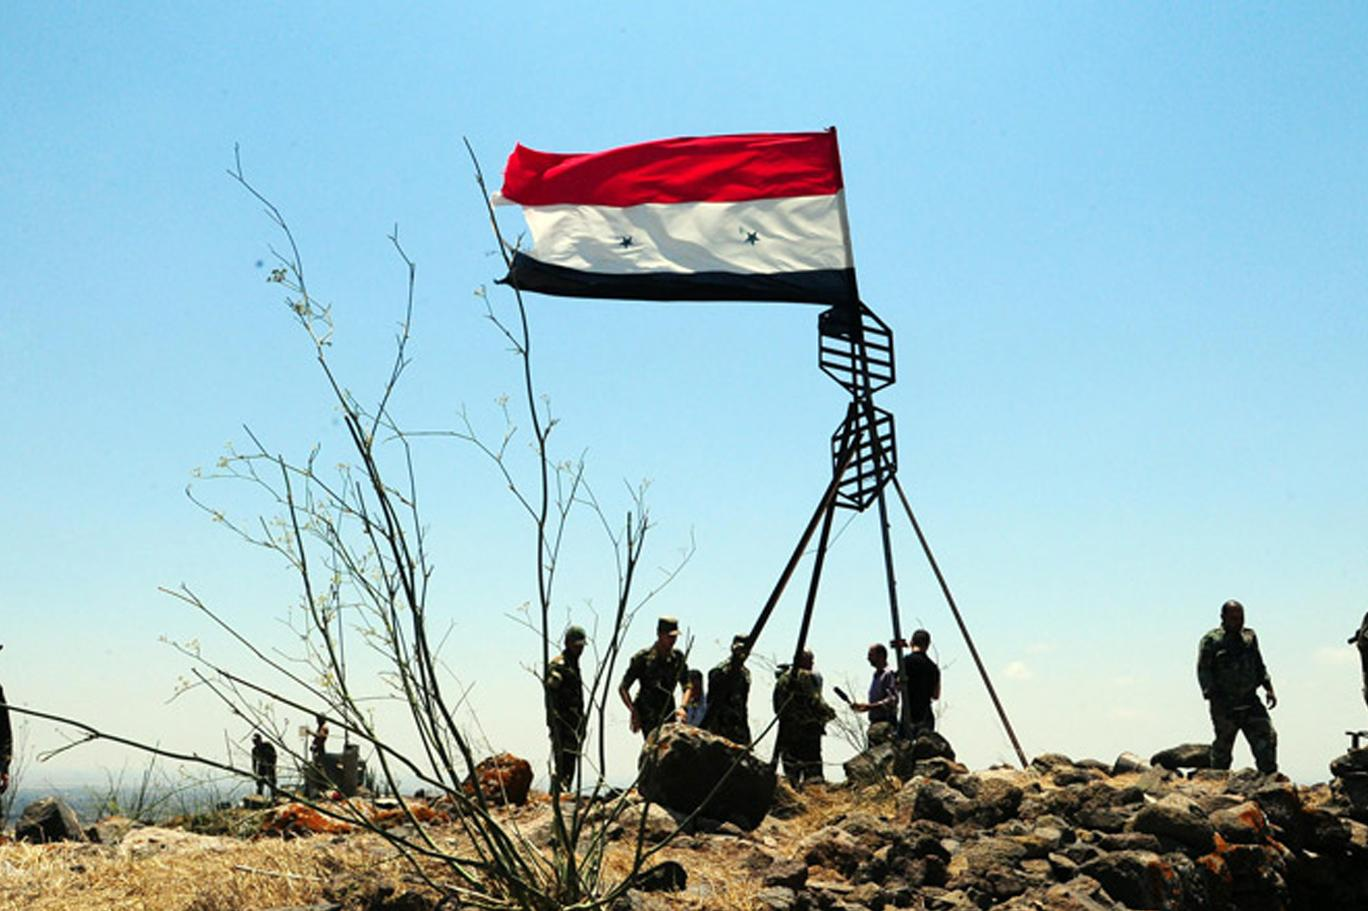 IŞİD'ten rejim askerlerine saldırı: Çok sayıda ölü ve yaralı var!